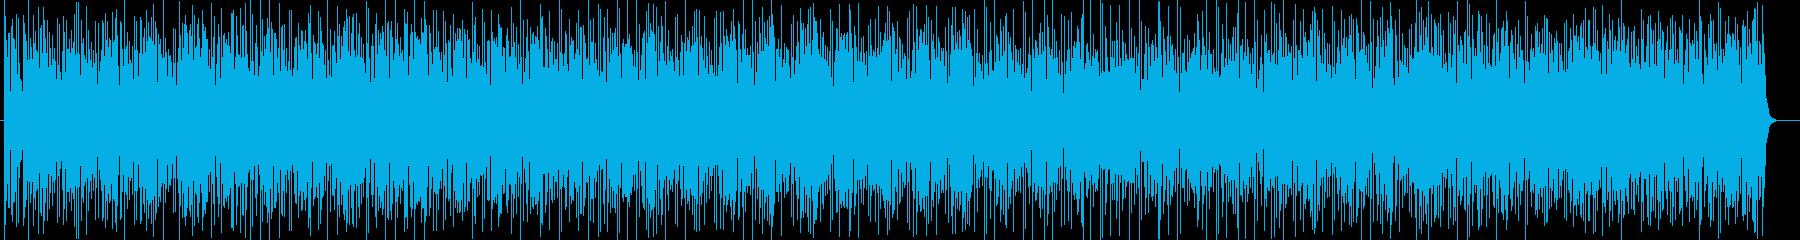 コミカルな音色が特徴的なポップスの再生済みの波形